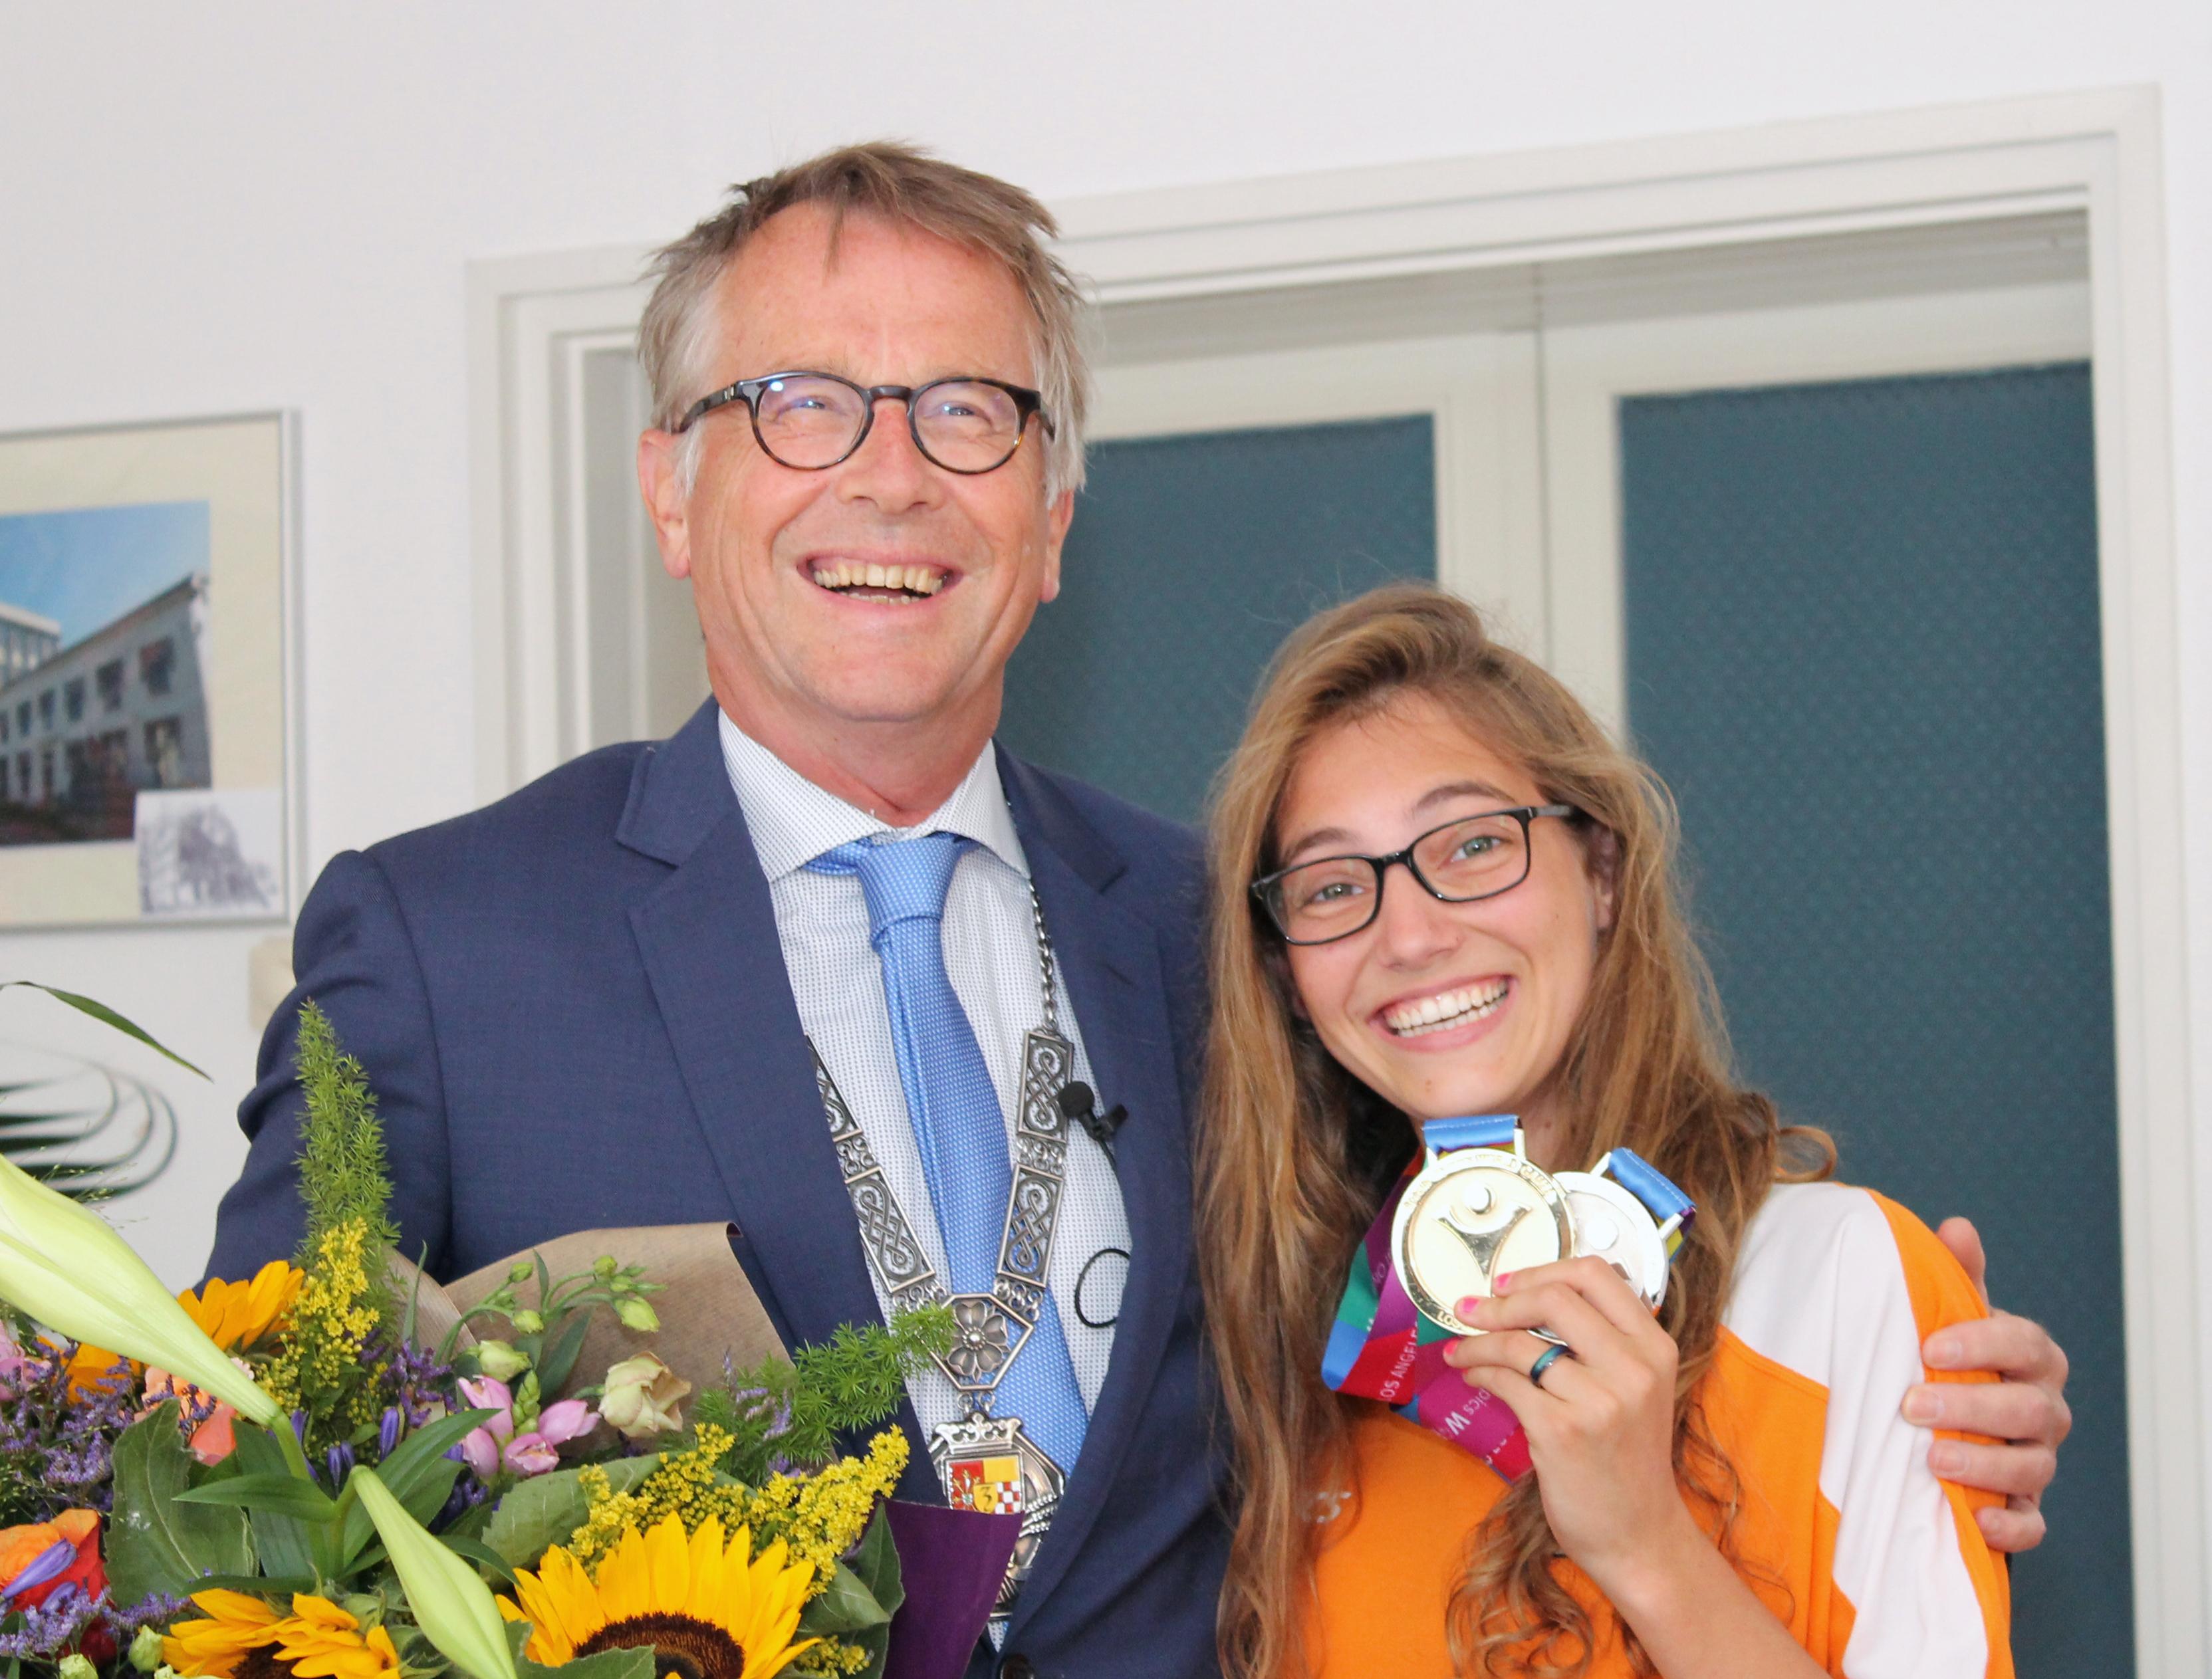 Special Olympics zwemkampioene Esmee Anne de Meulmeester uit Giesbeek gehuldigd